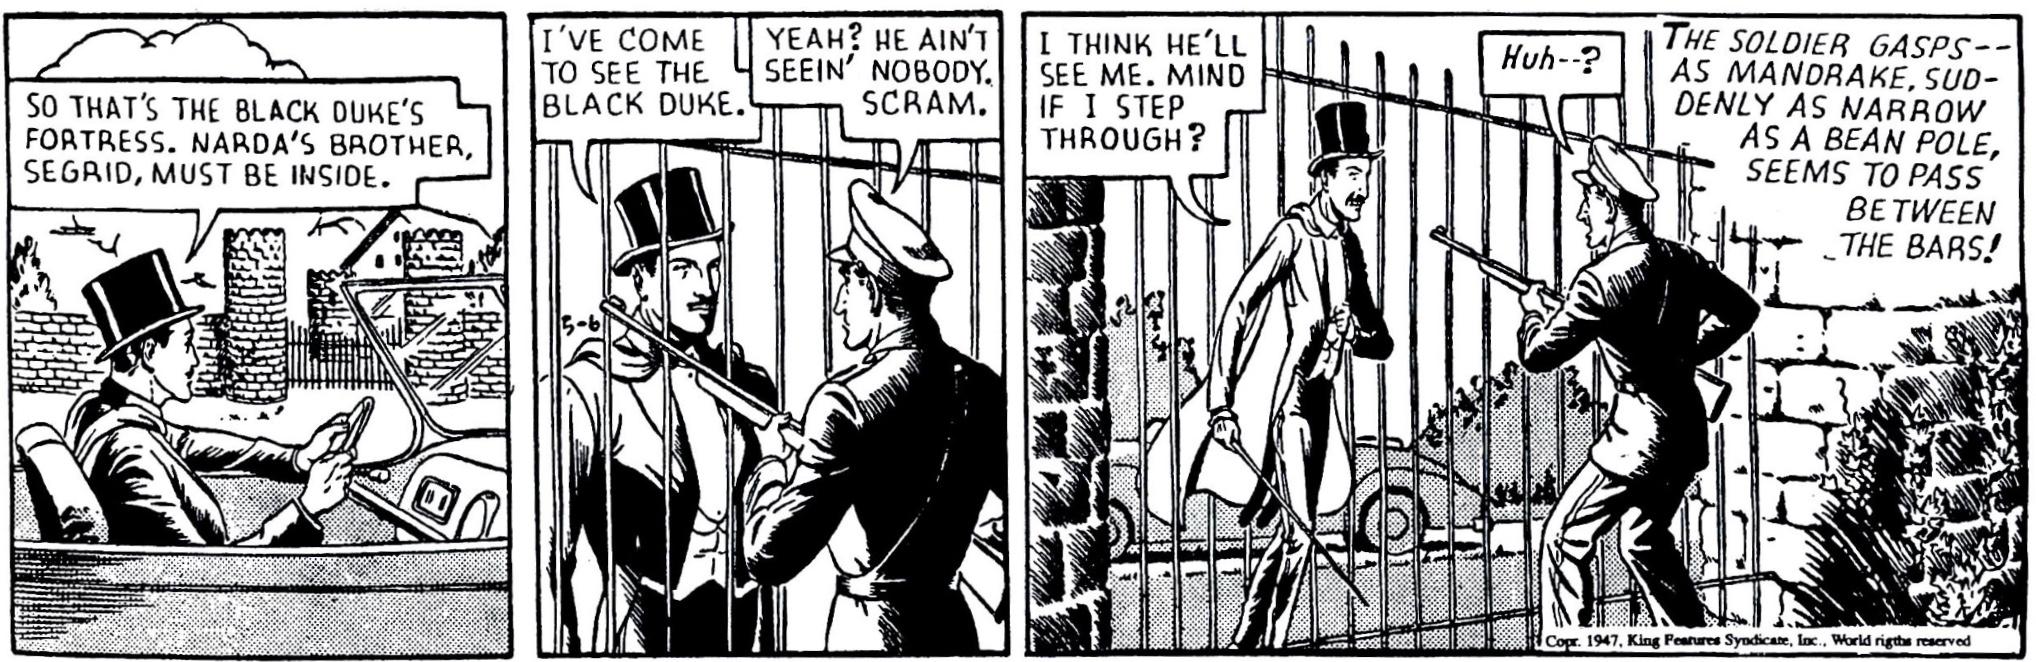 En stripp ur H.R.H. Cuddles från 6 maj 1947